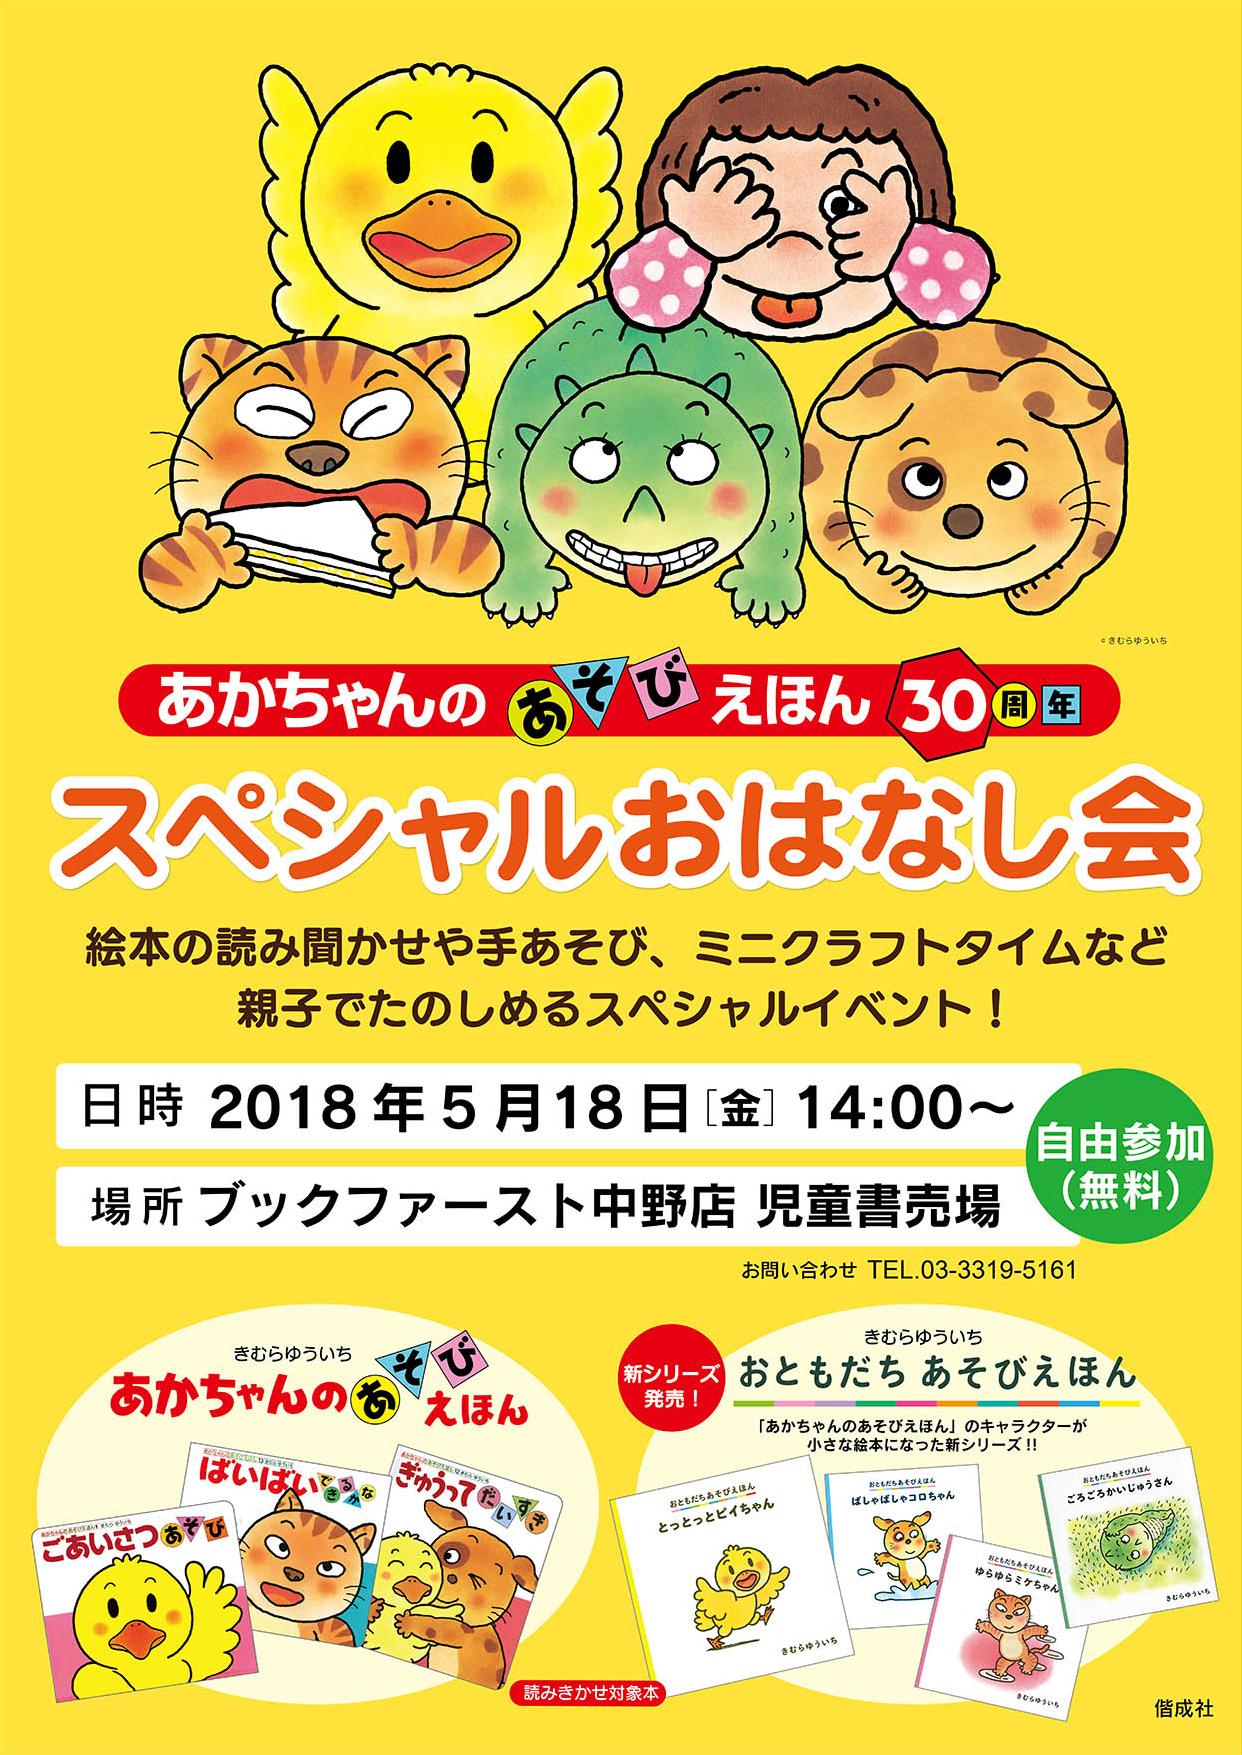 中野・あかちゃんのあそびえほん30周年 スペシャルおはなし会